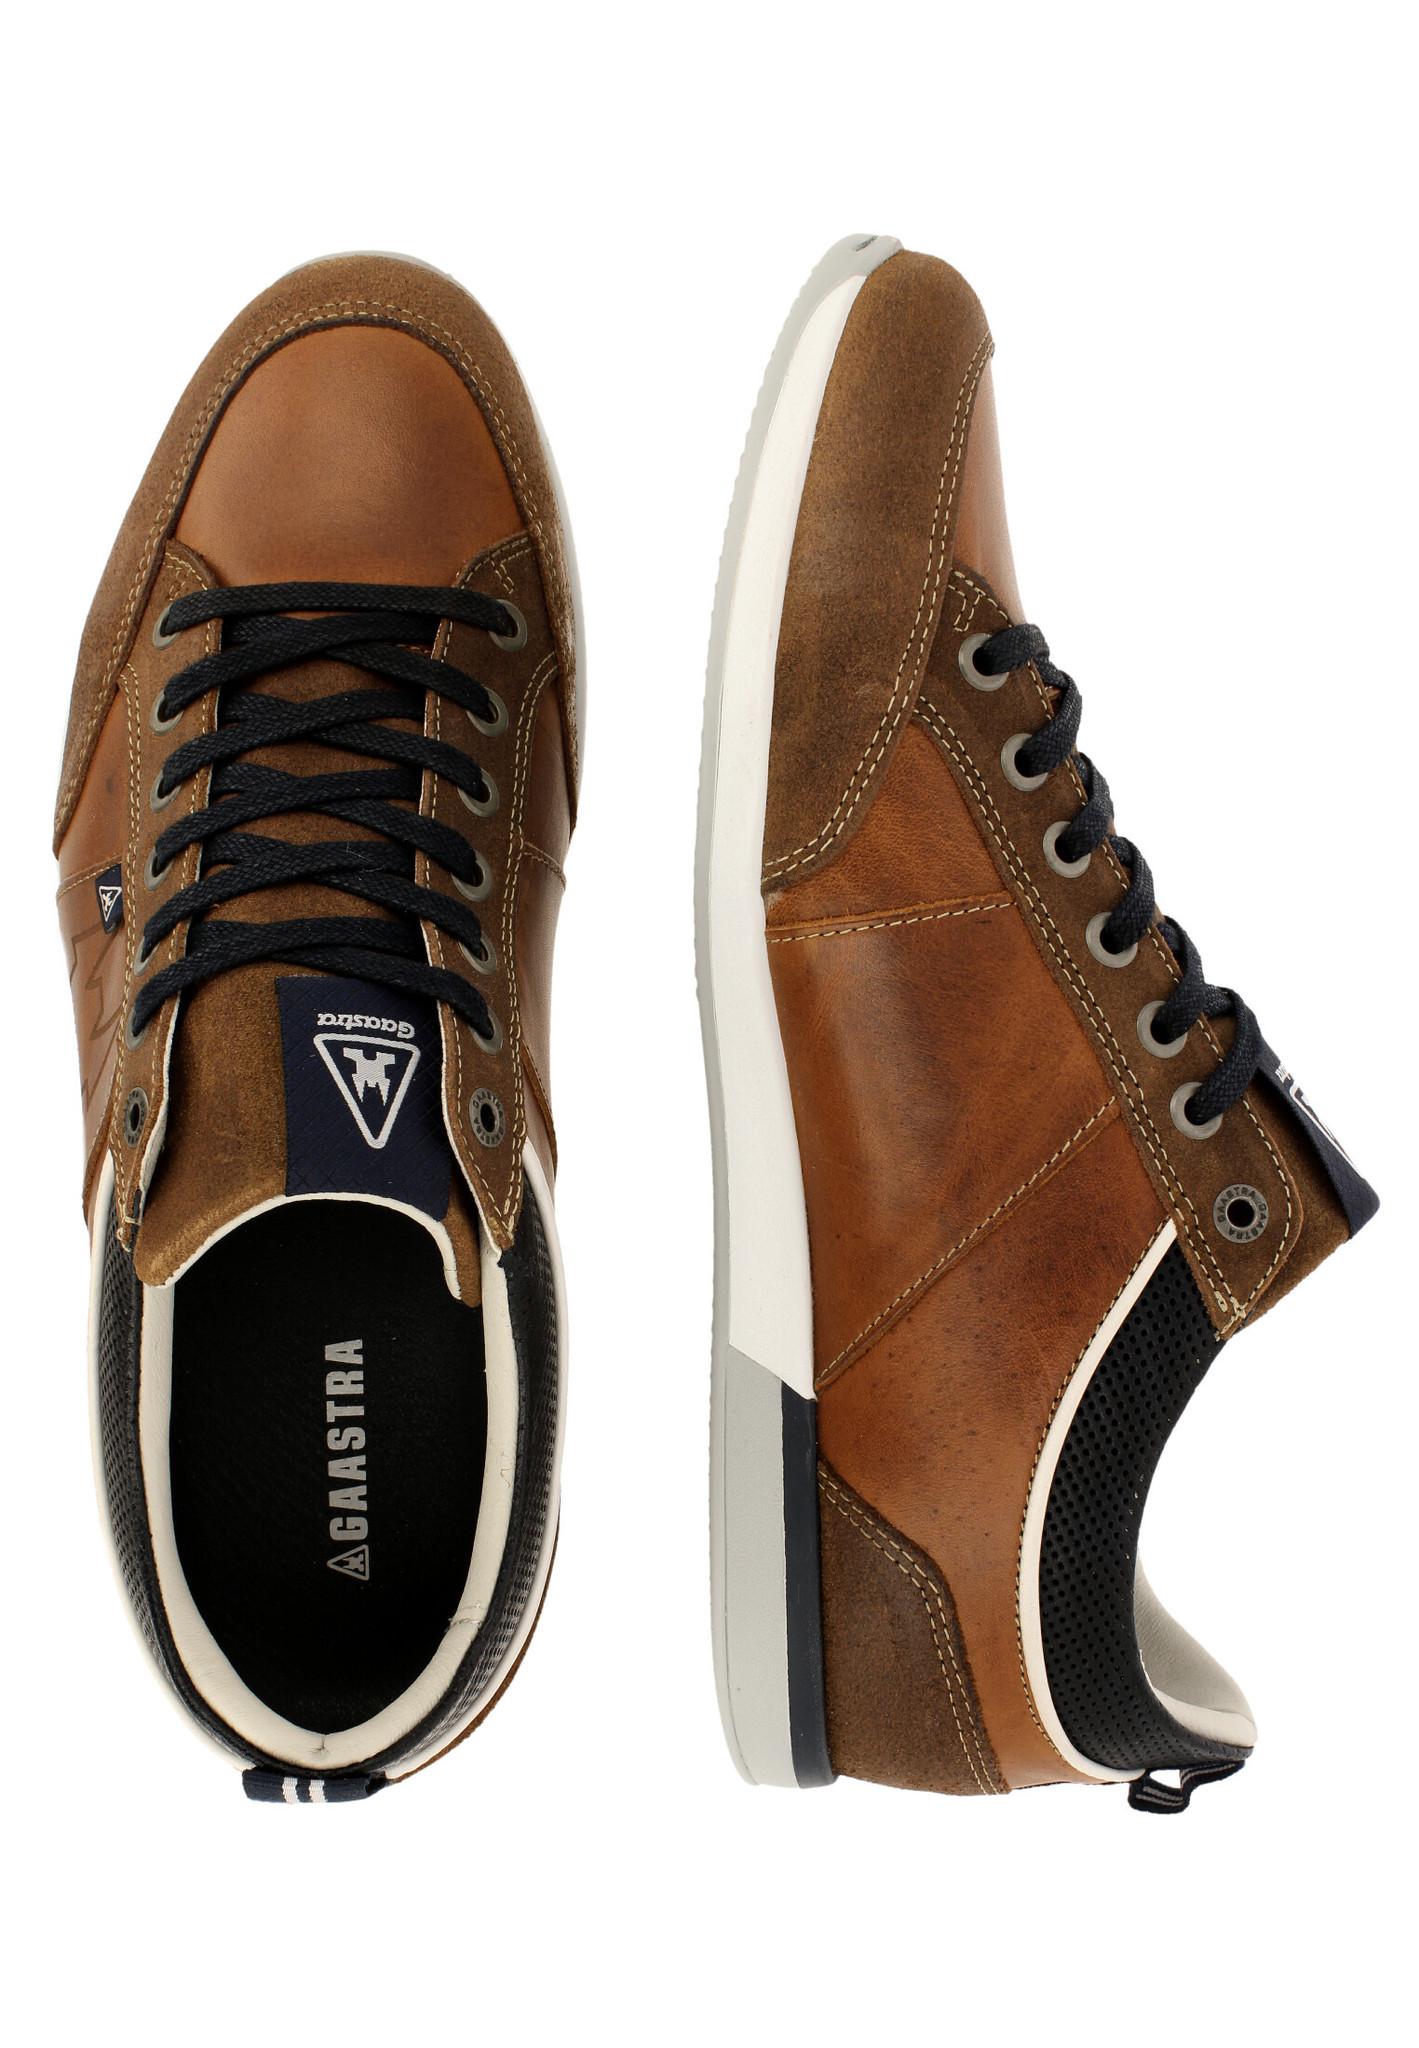 Sneakers BAYLINE - cognac